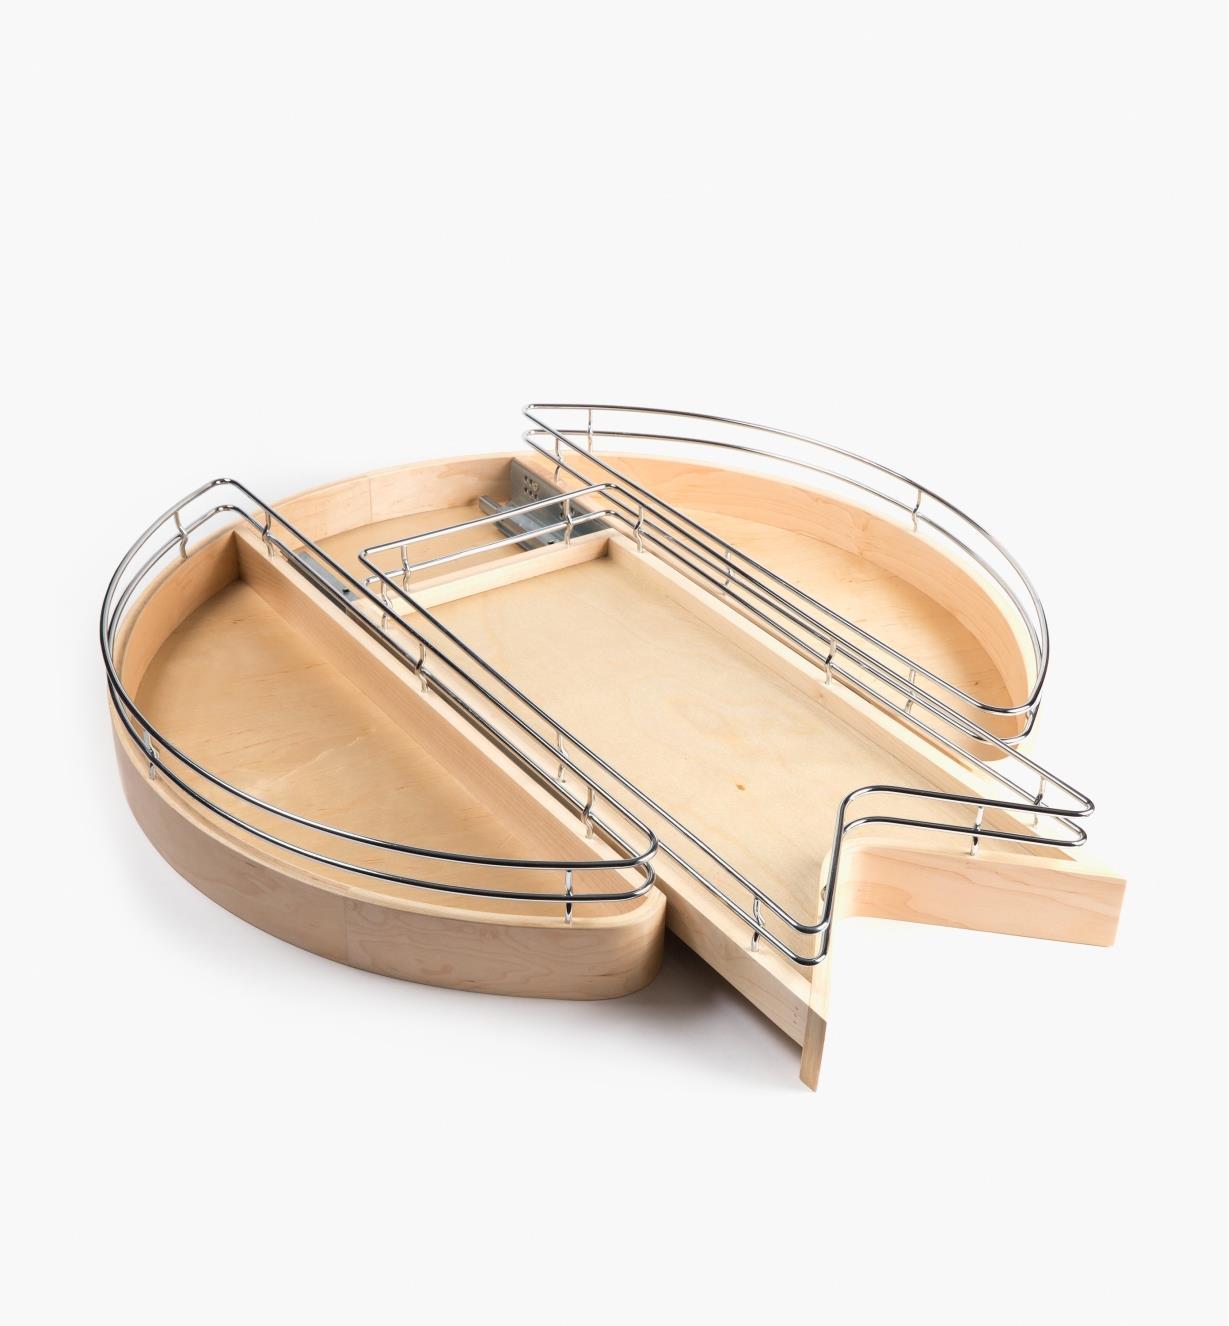 12K7412 - Plateau en bois à tablette coulissante en V